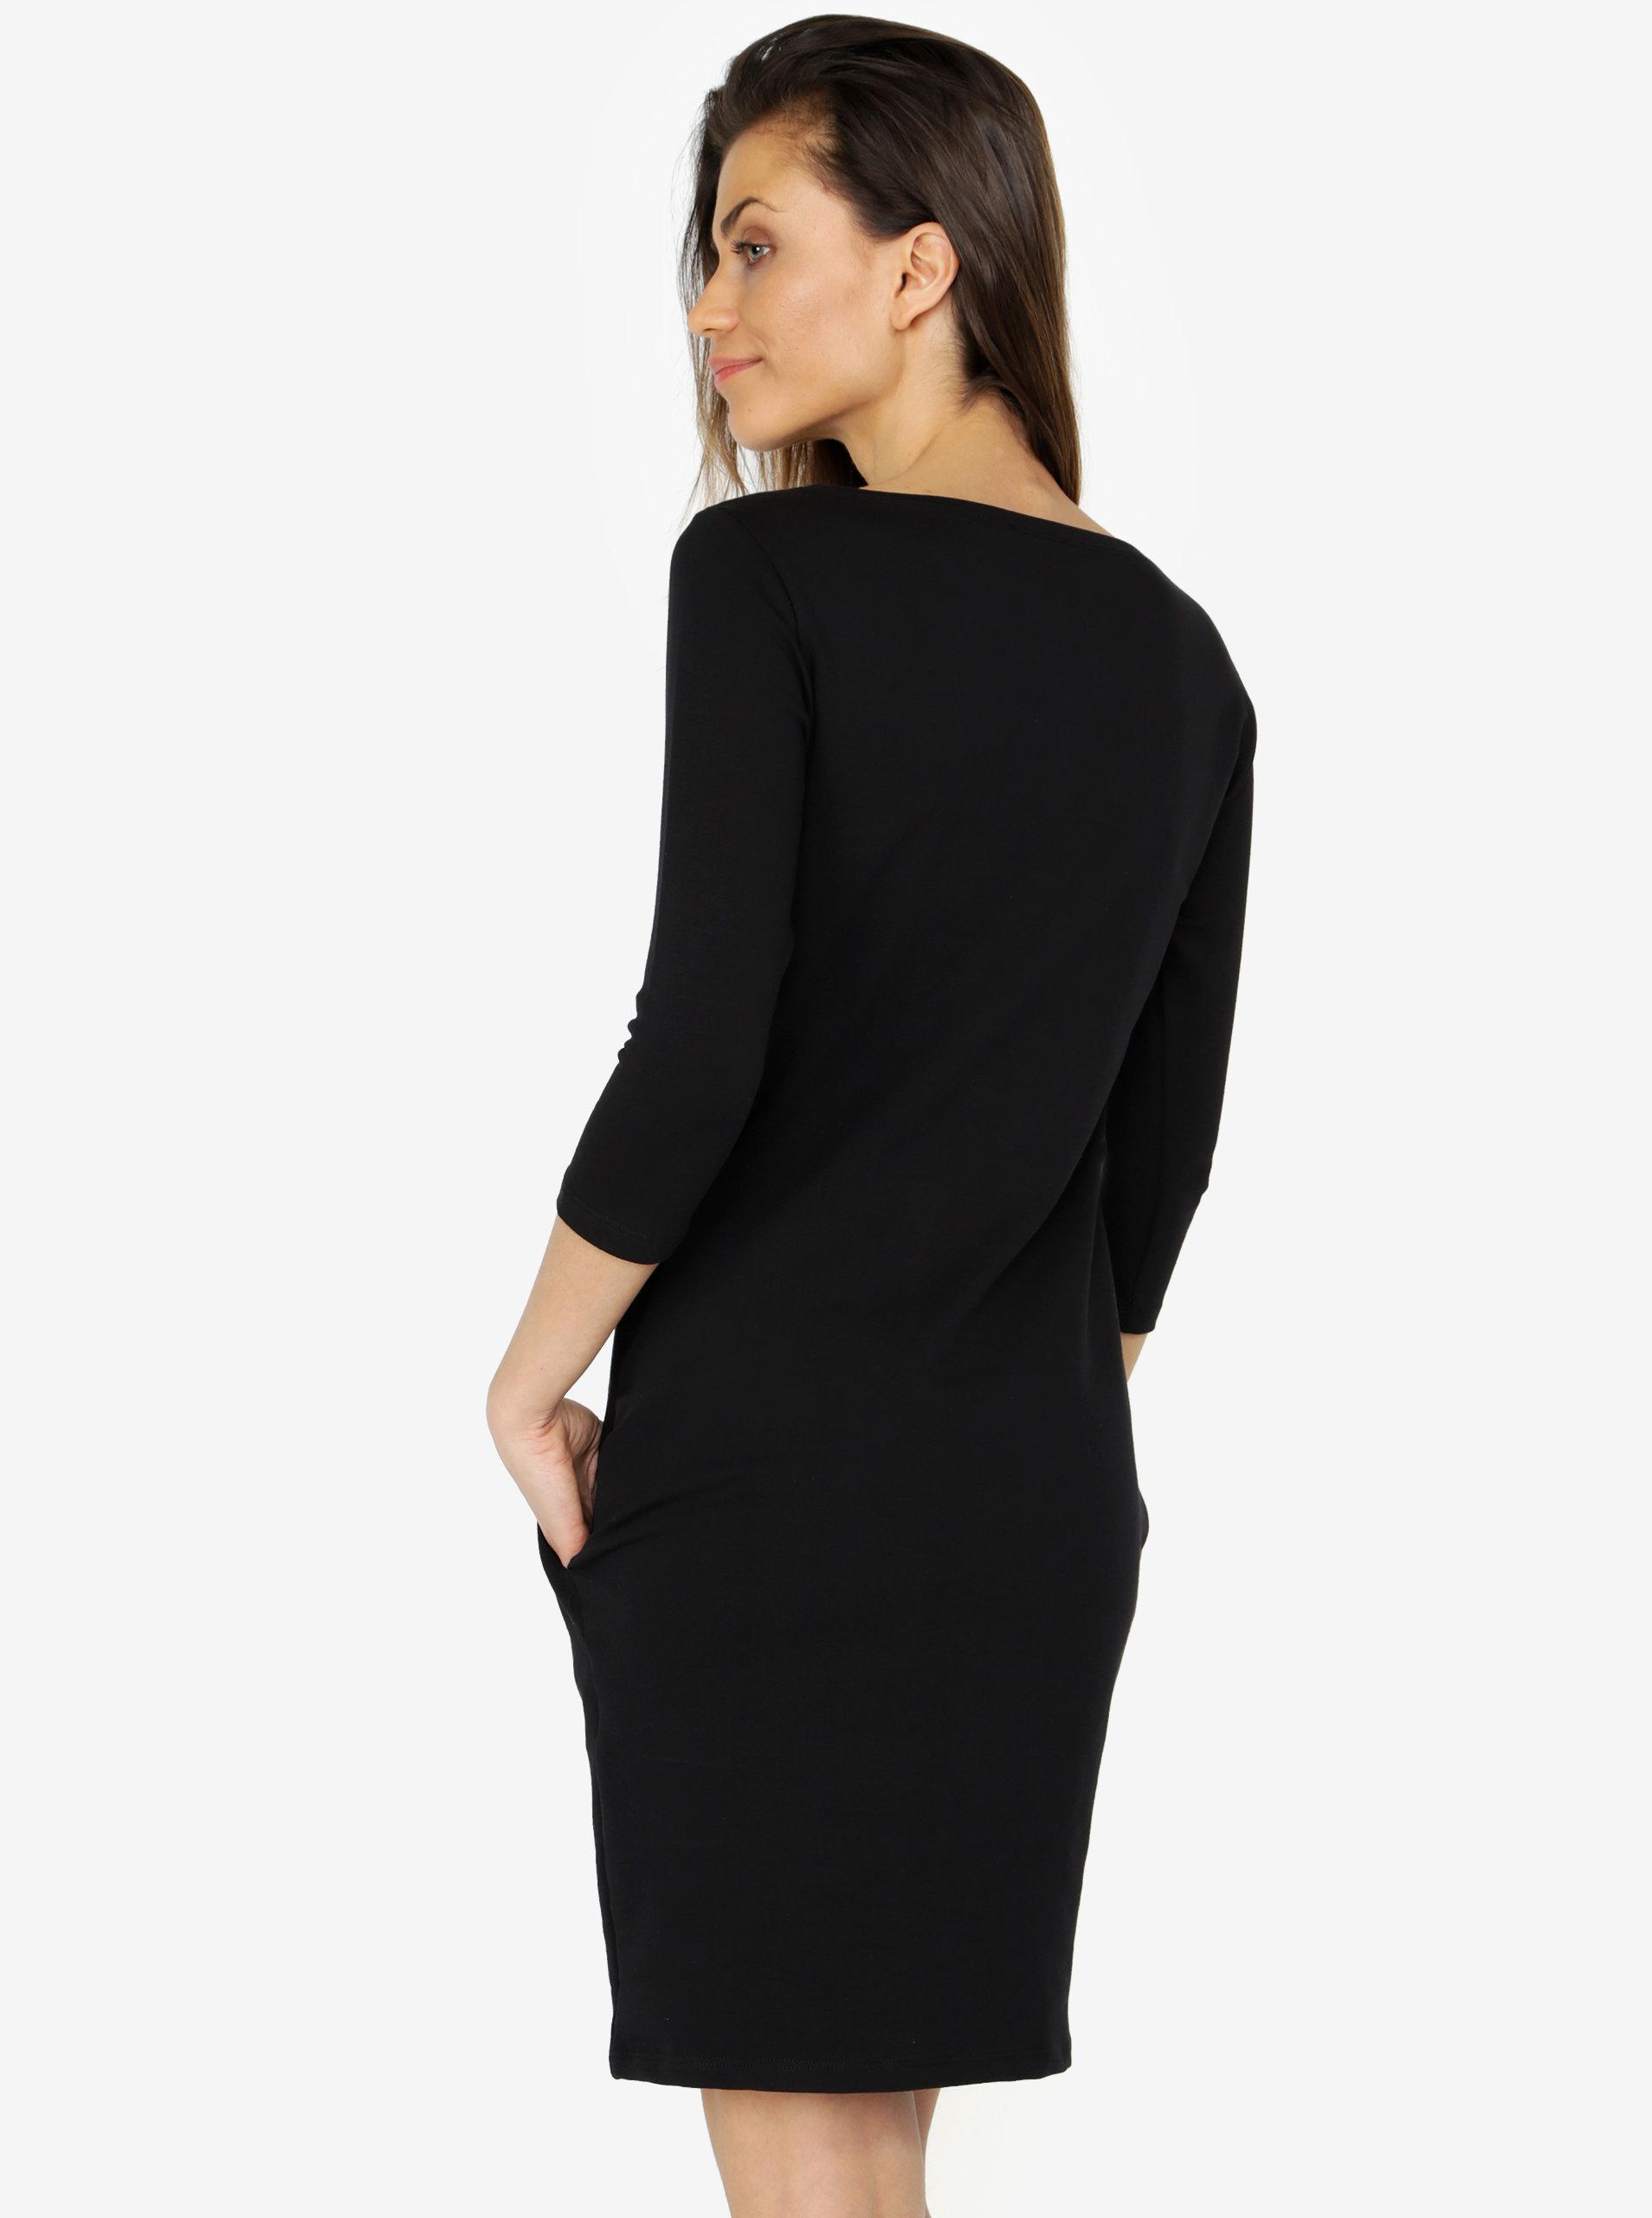 904008fabdde Černé šaty s 3 4 rukávem ZOOT - SLEVA!